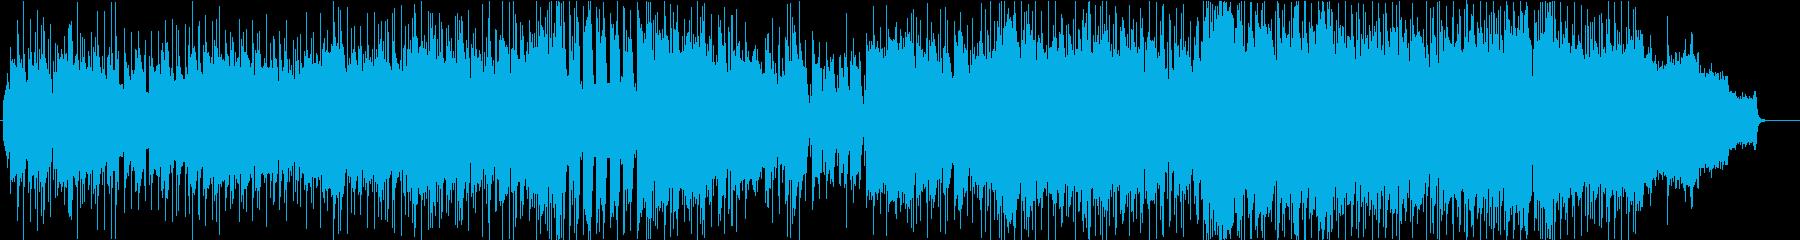 日本的で和風な尺八ソング(シンセリード)の再生済みの波形